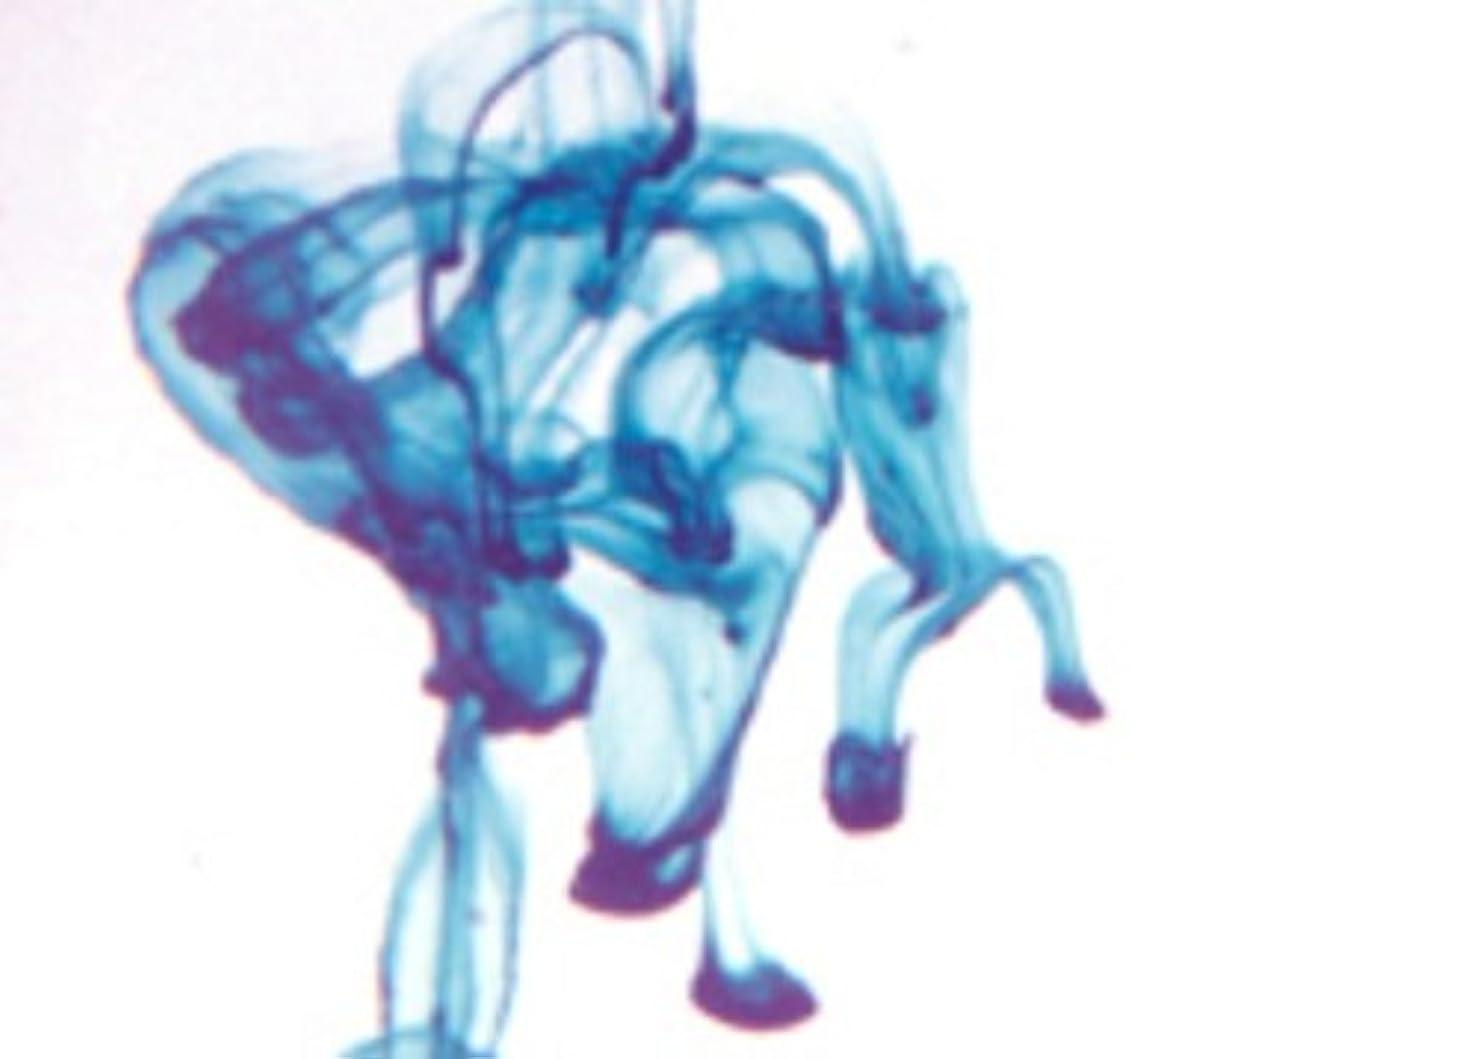 環境に優しい価格参照Aqua Soap Dye 50ml - Highly Concentrated